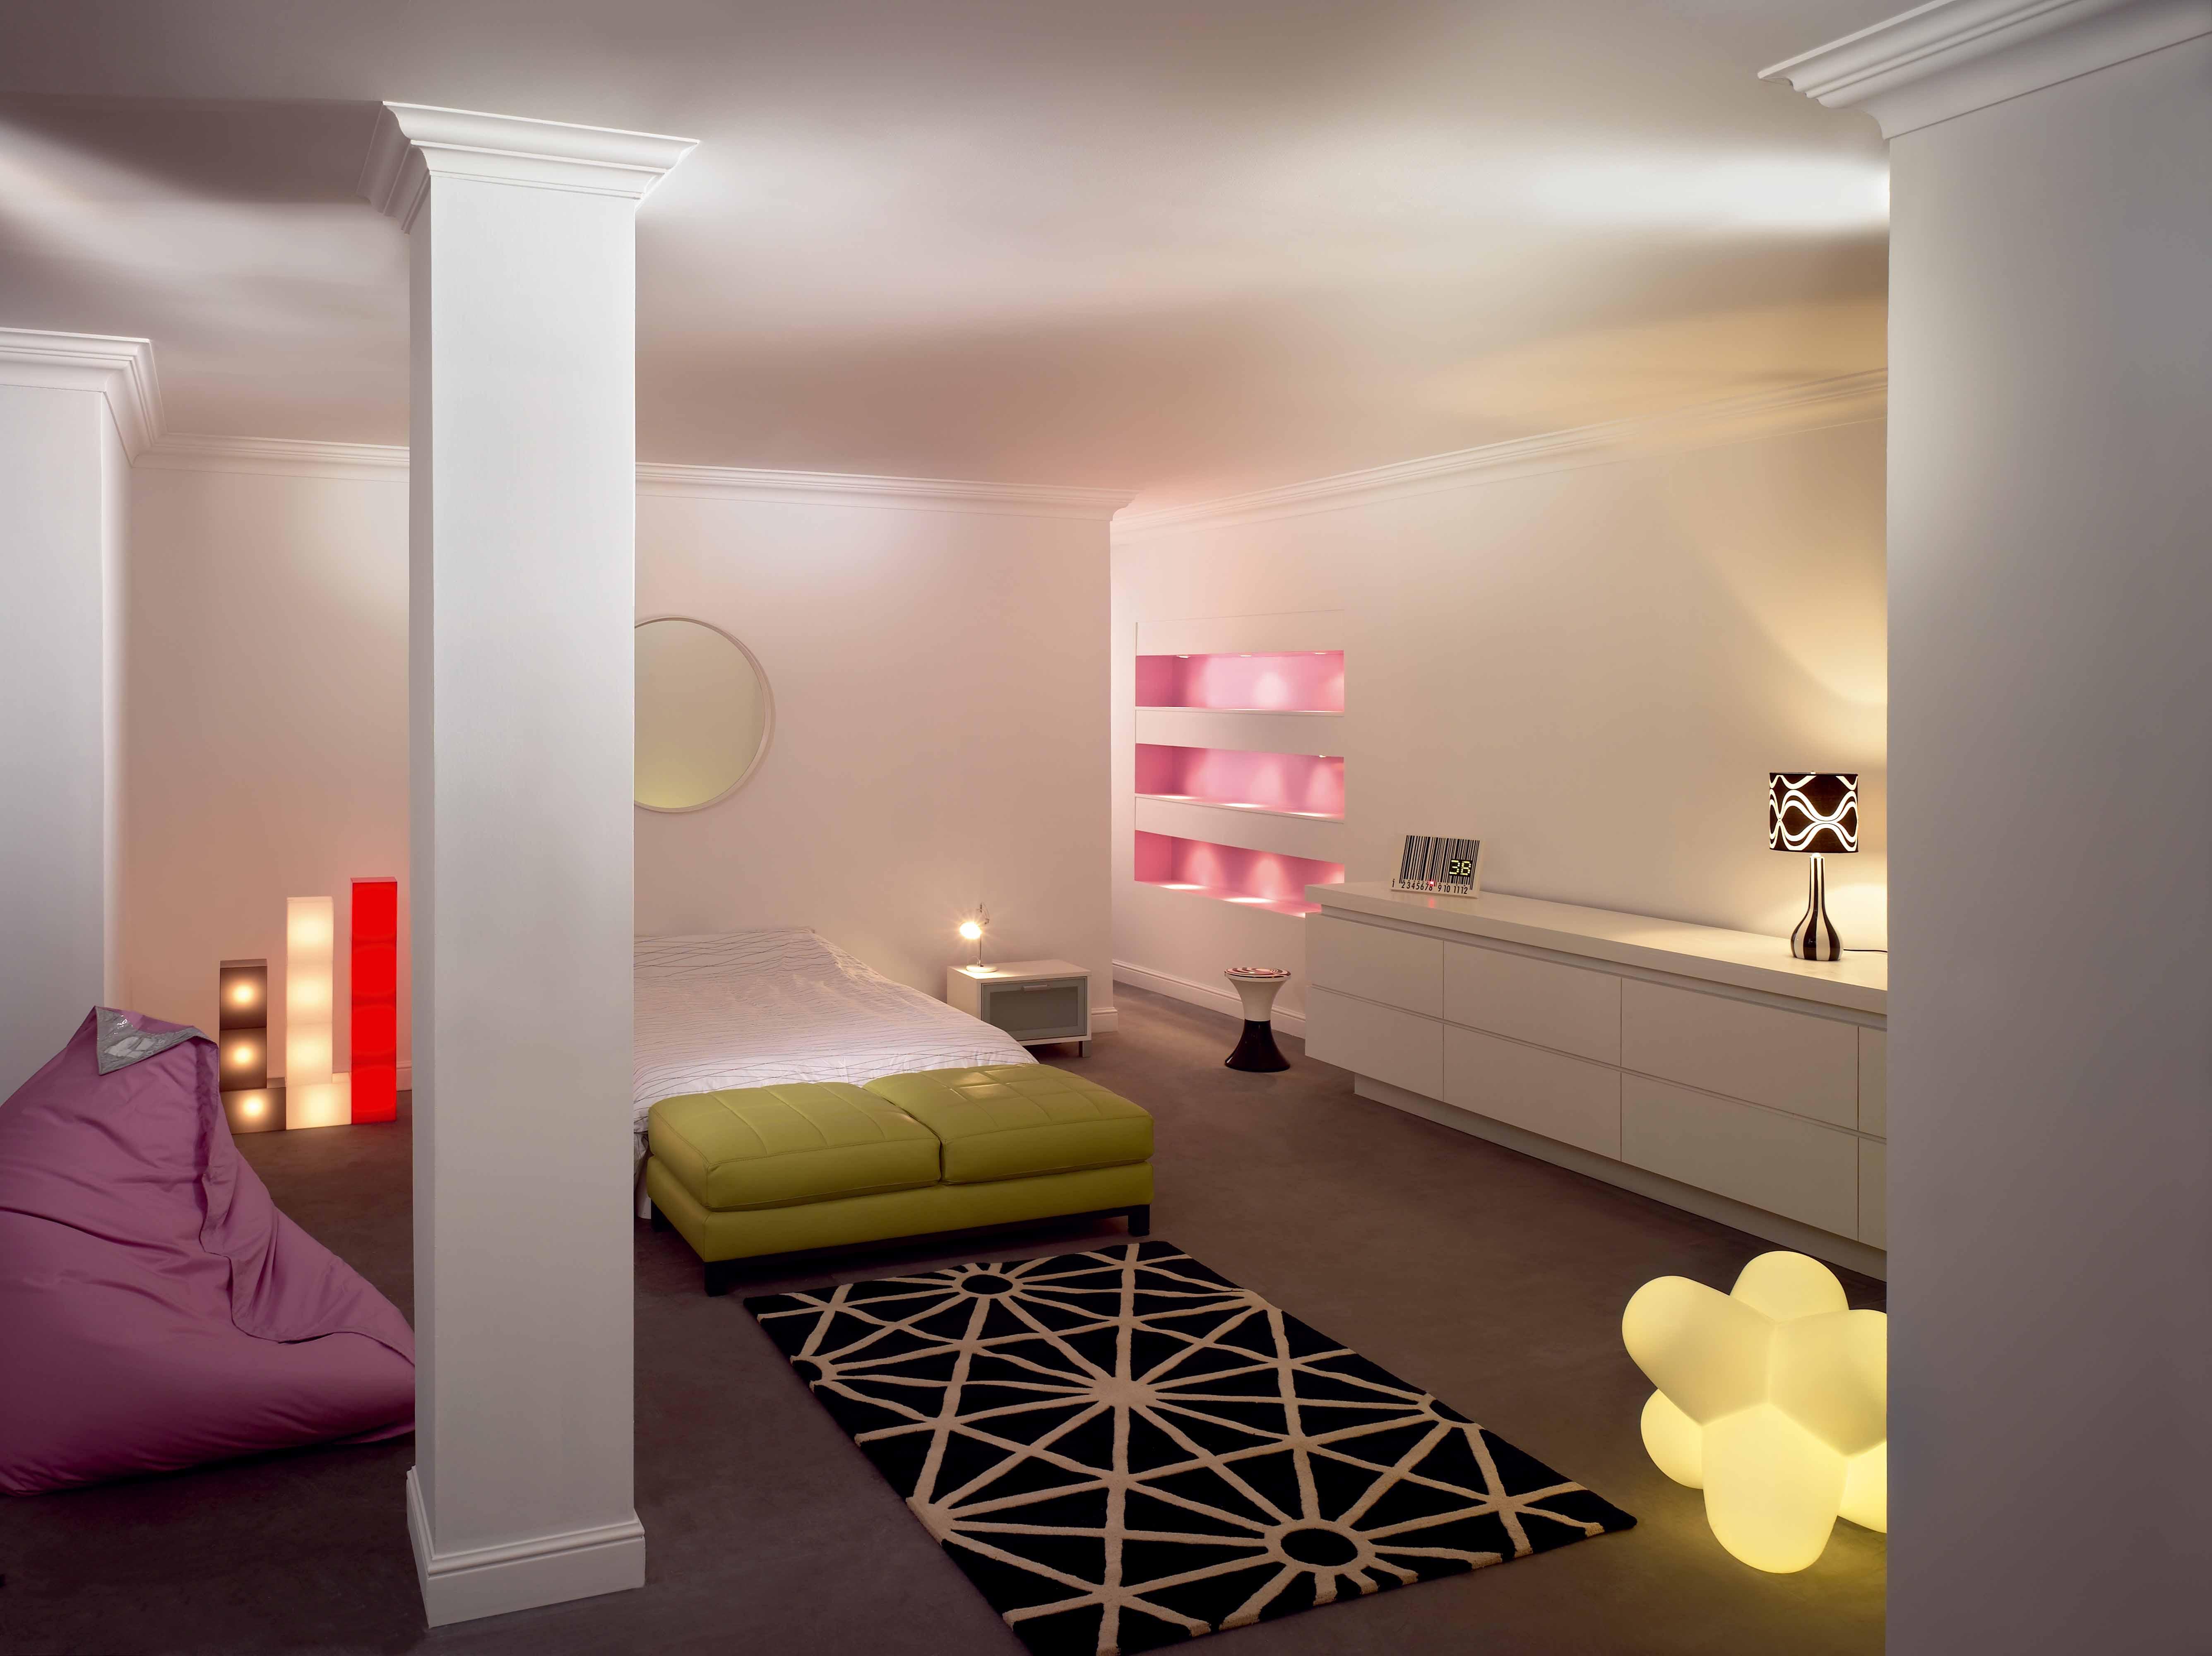 wohnr ume gestalten farben sind unsere welt. Black Bedroom Furniture Sets. Home Design Ideas